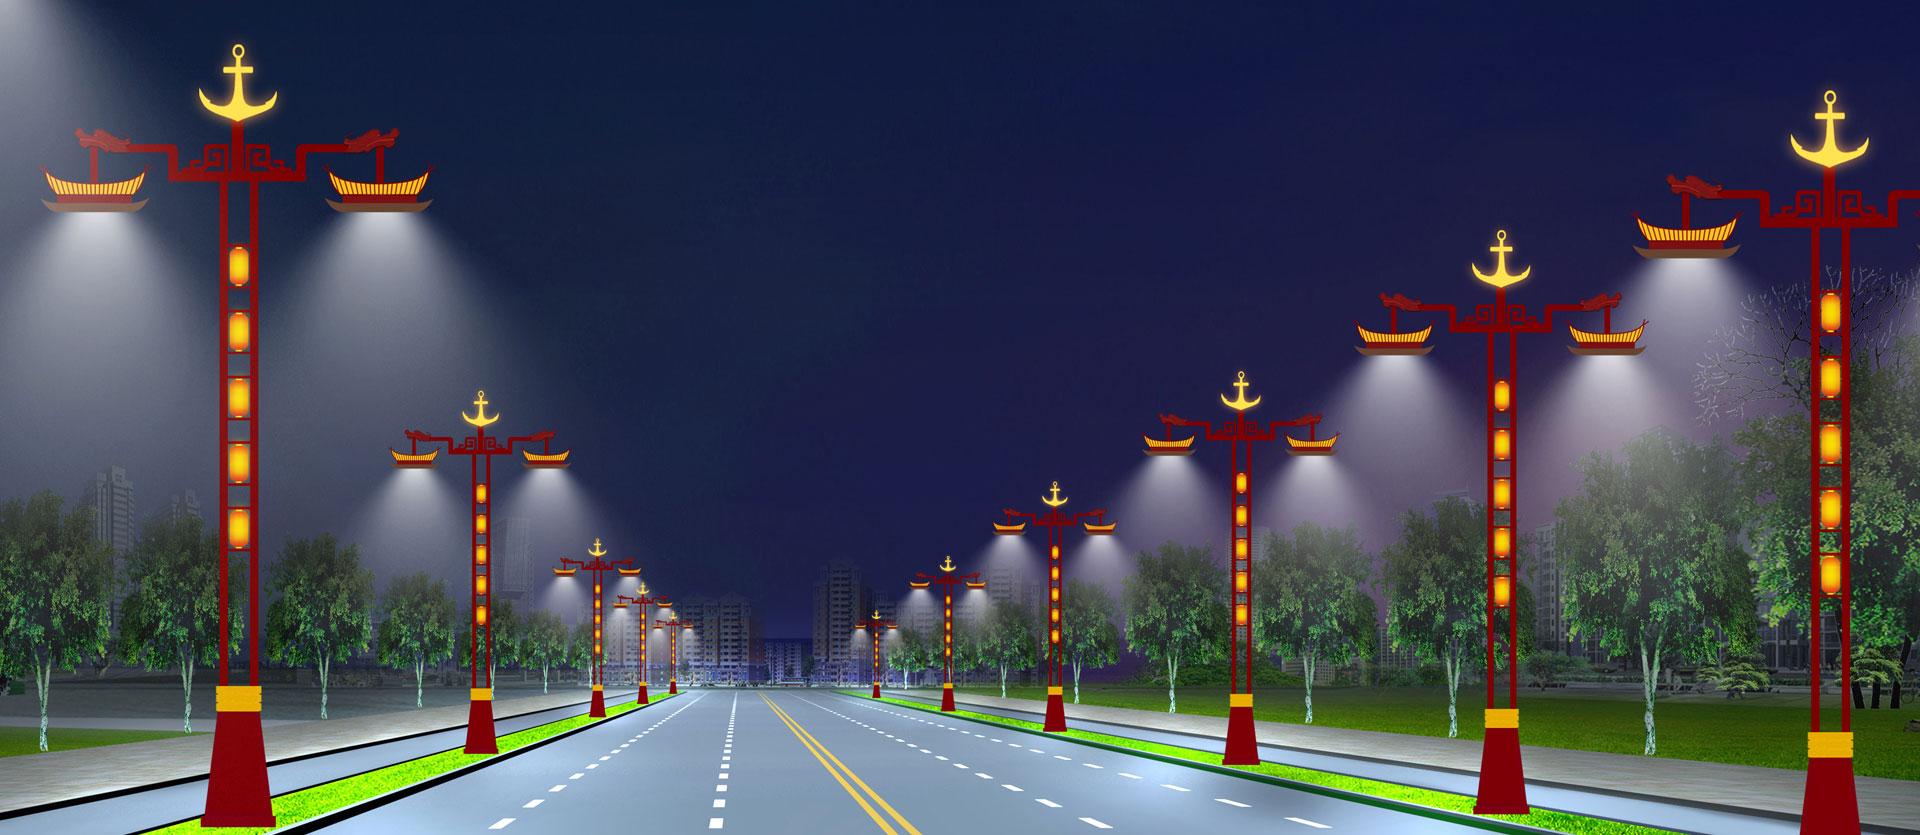 日月红景观照明banner2